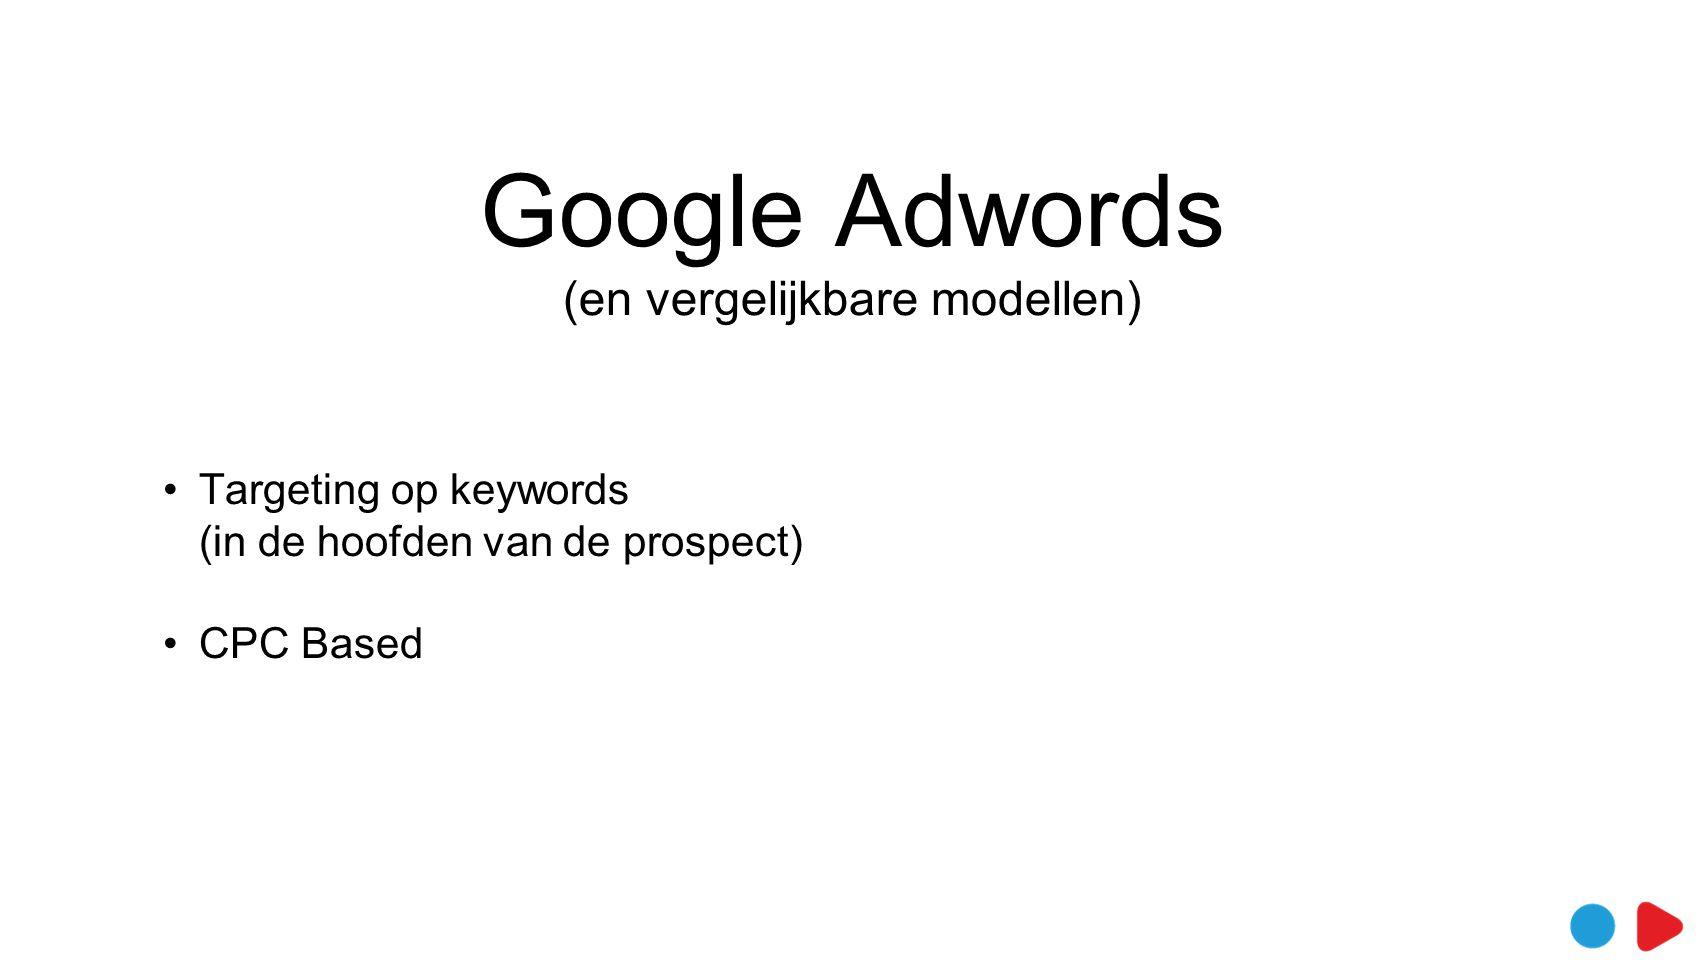 Google Adwords (en vergelijkbare modellen)